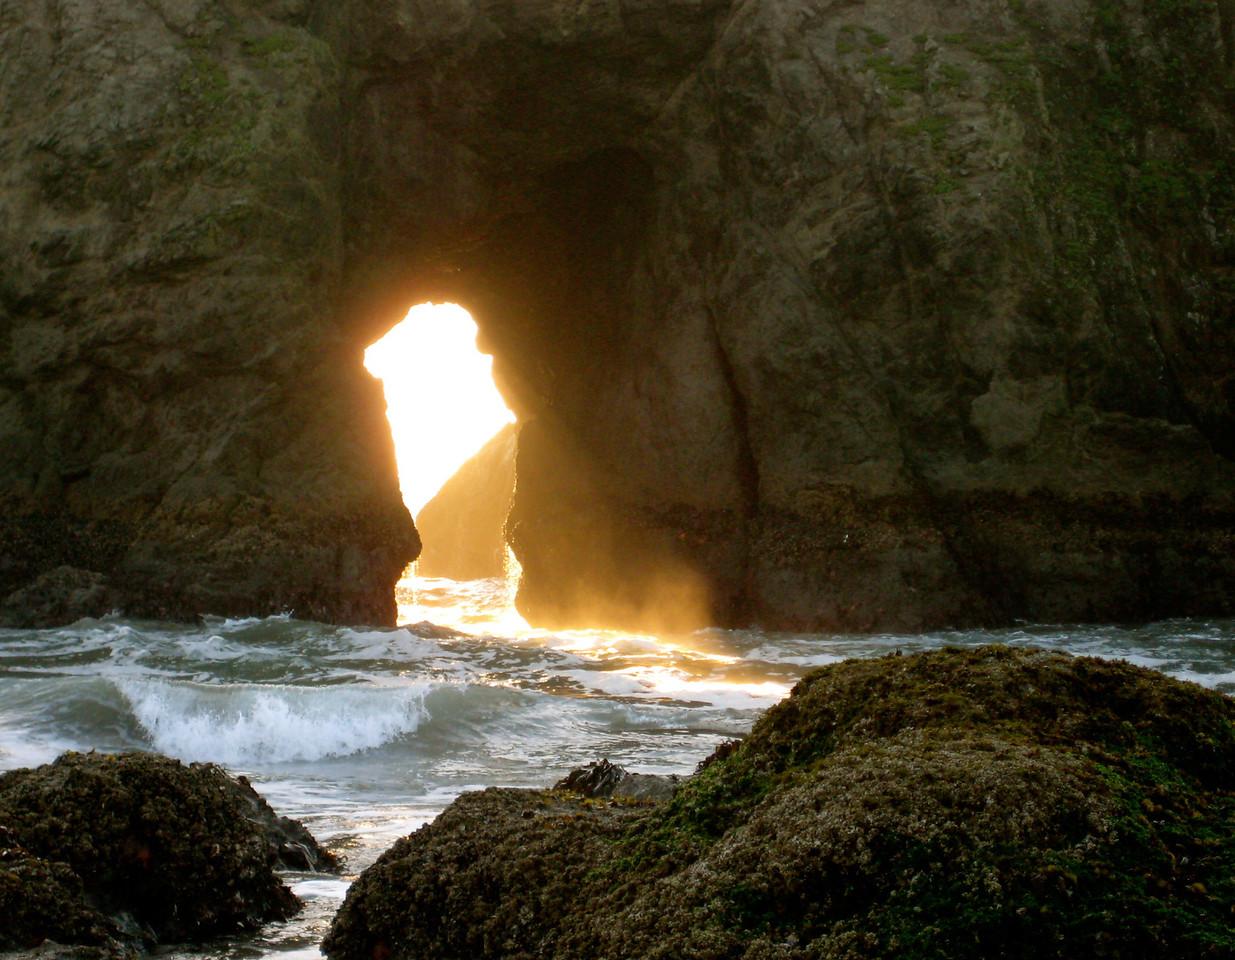 Porthole Glow